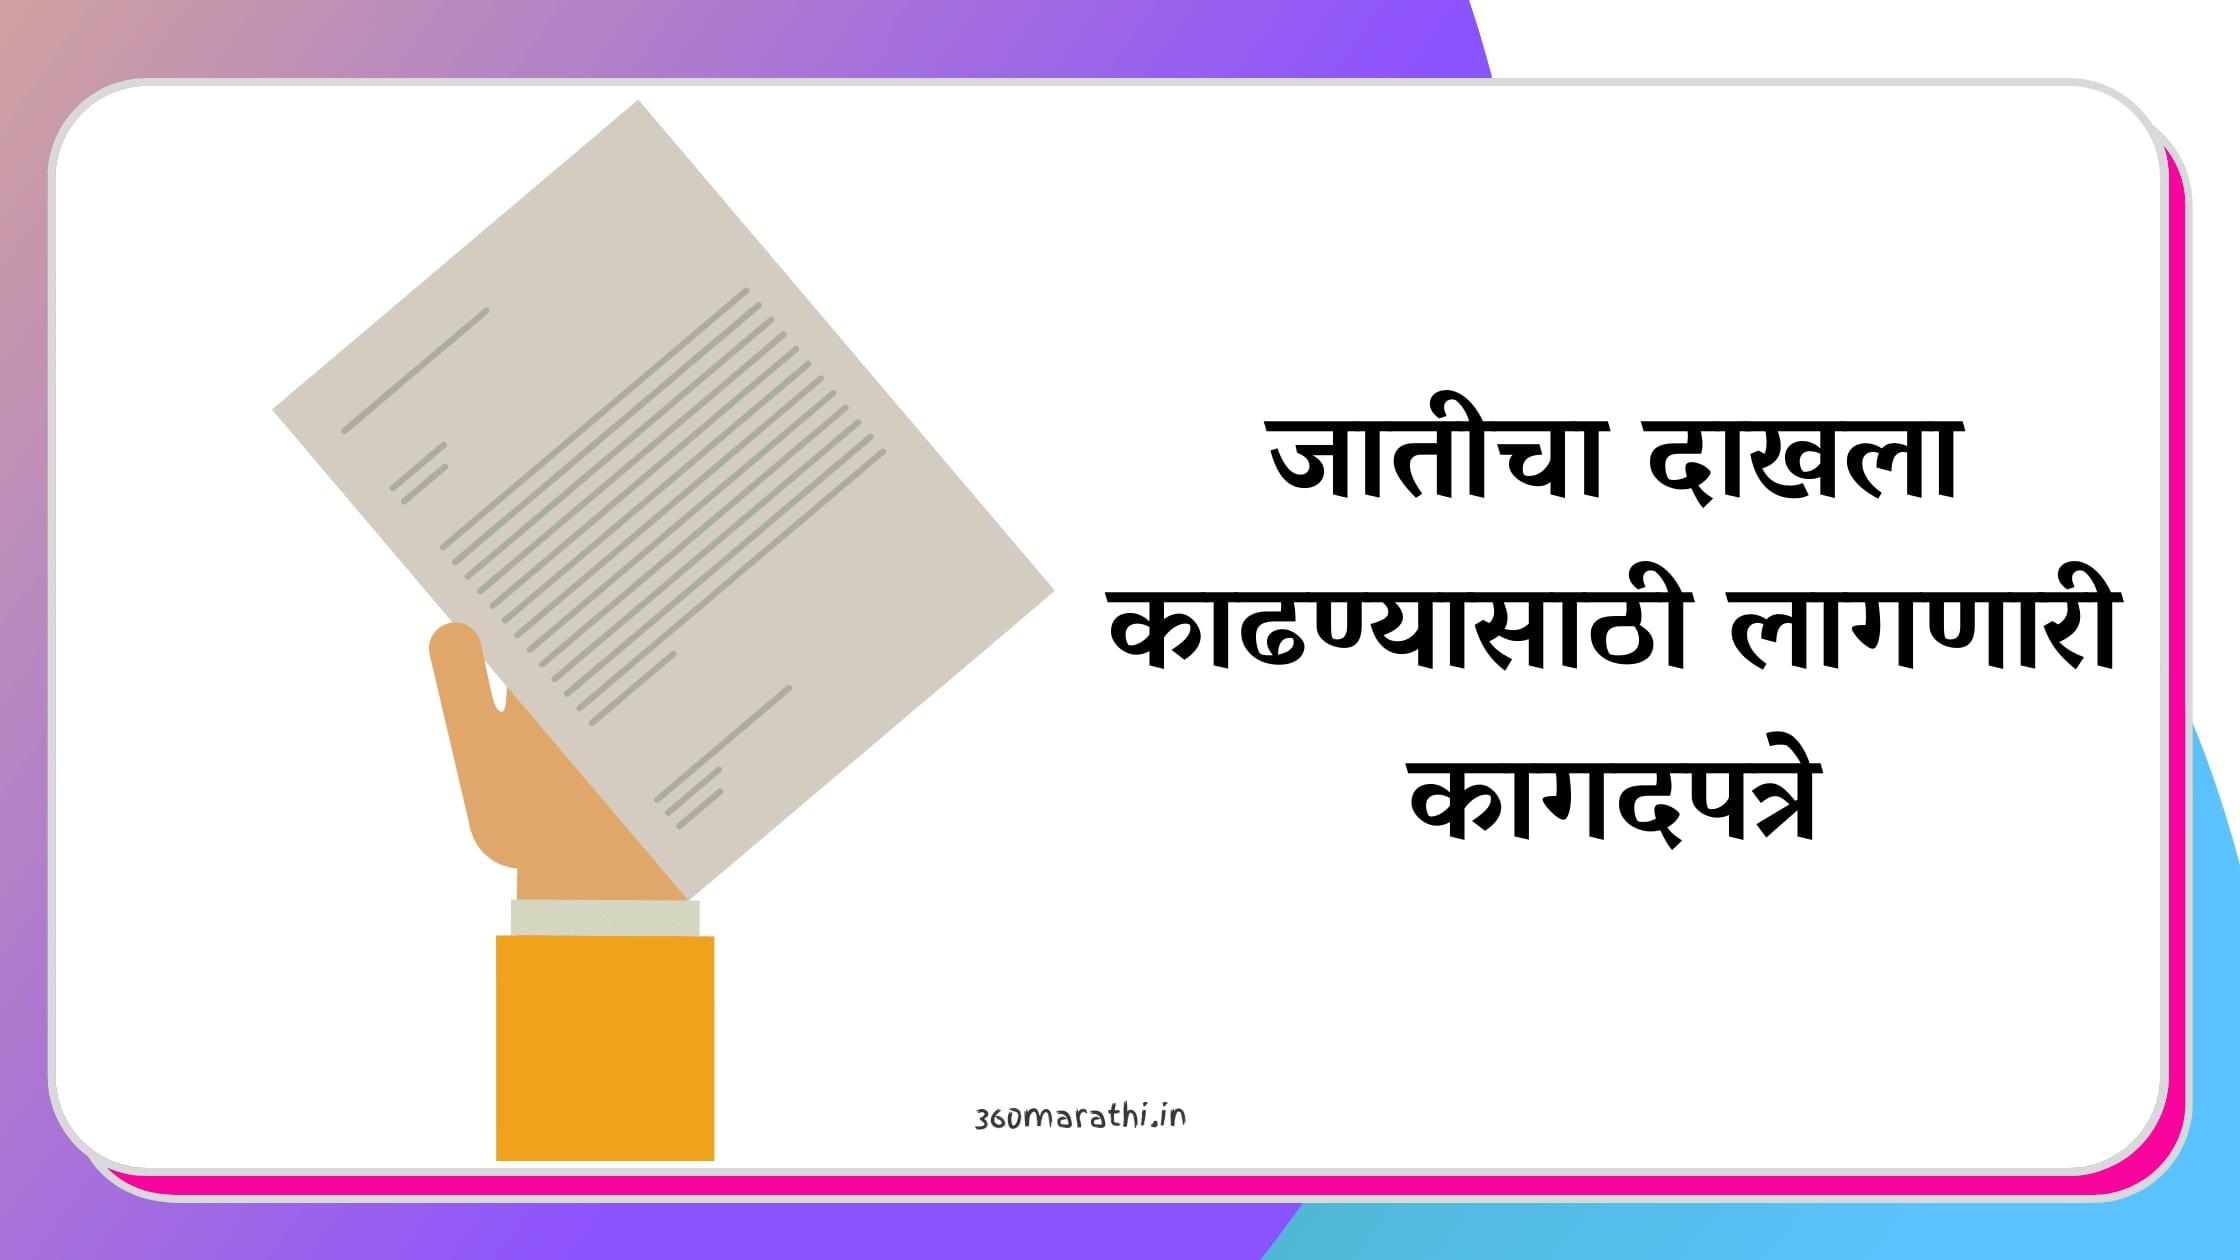 Caste Certificate Documents in Marathi pdf | जातीचा दाखला काढण्यासाठी लागणारी कागदपत्रे